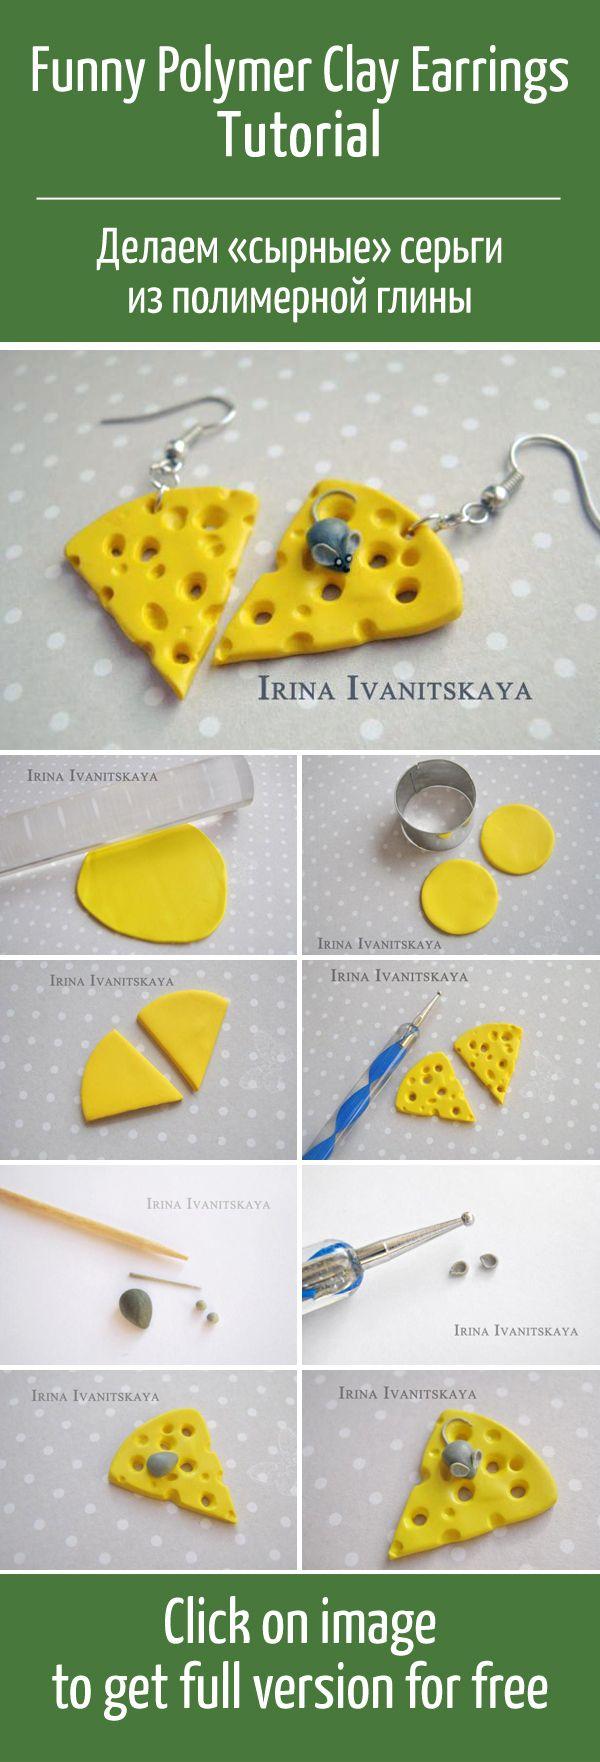 """Мастерим забавные """"Сырные"""" серьги из полимерной глины / Funny """"cheese"""" polymer clay earrings tutorial diy"""